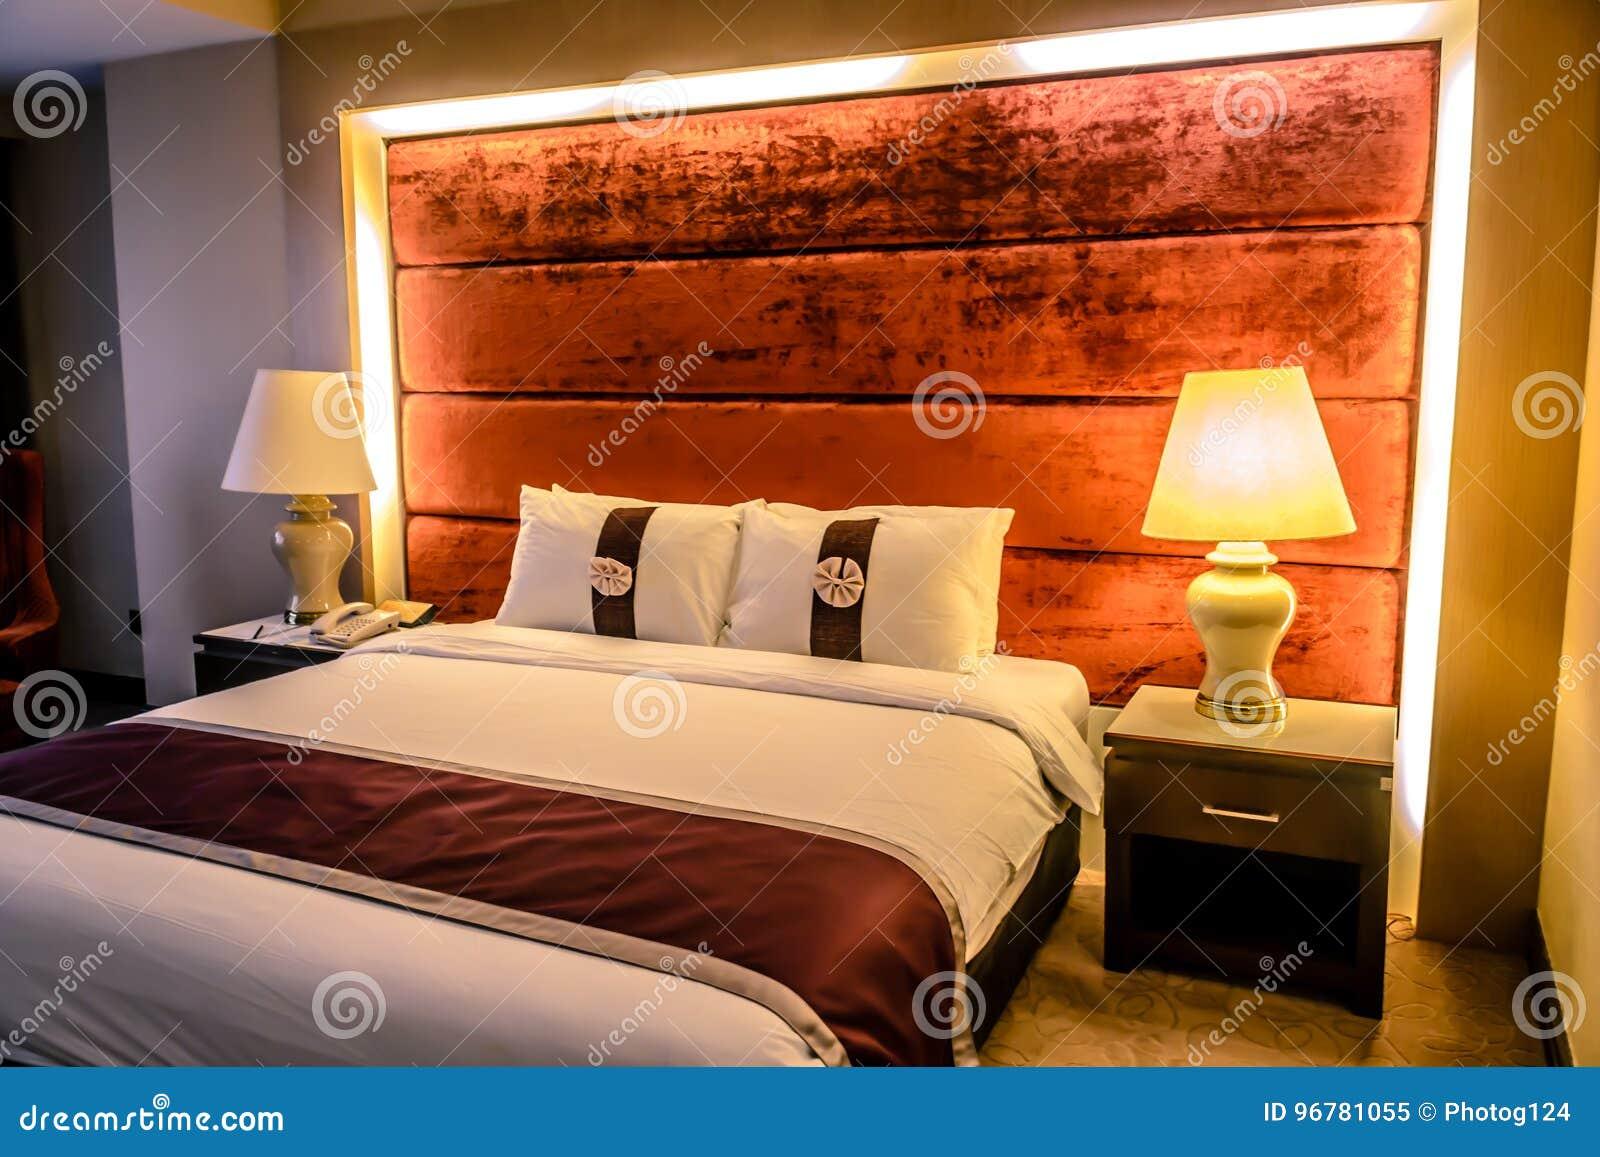 Schones Schlafzimmer Und Doppelbett Im Hotel Flach Im Kondominium Oder In Der Wohnung Stockbild Bild Von Schlafzimmer Wohnung 96781055